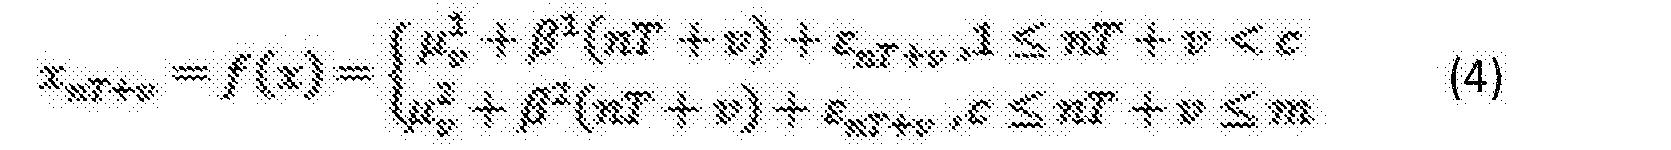 Figure CN105675320BD000510